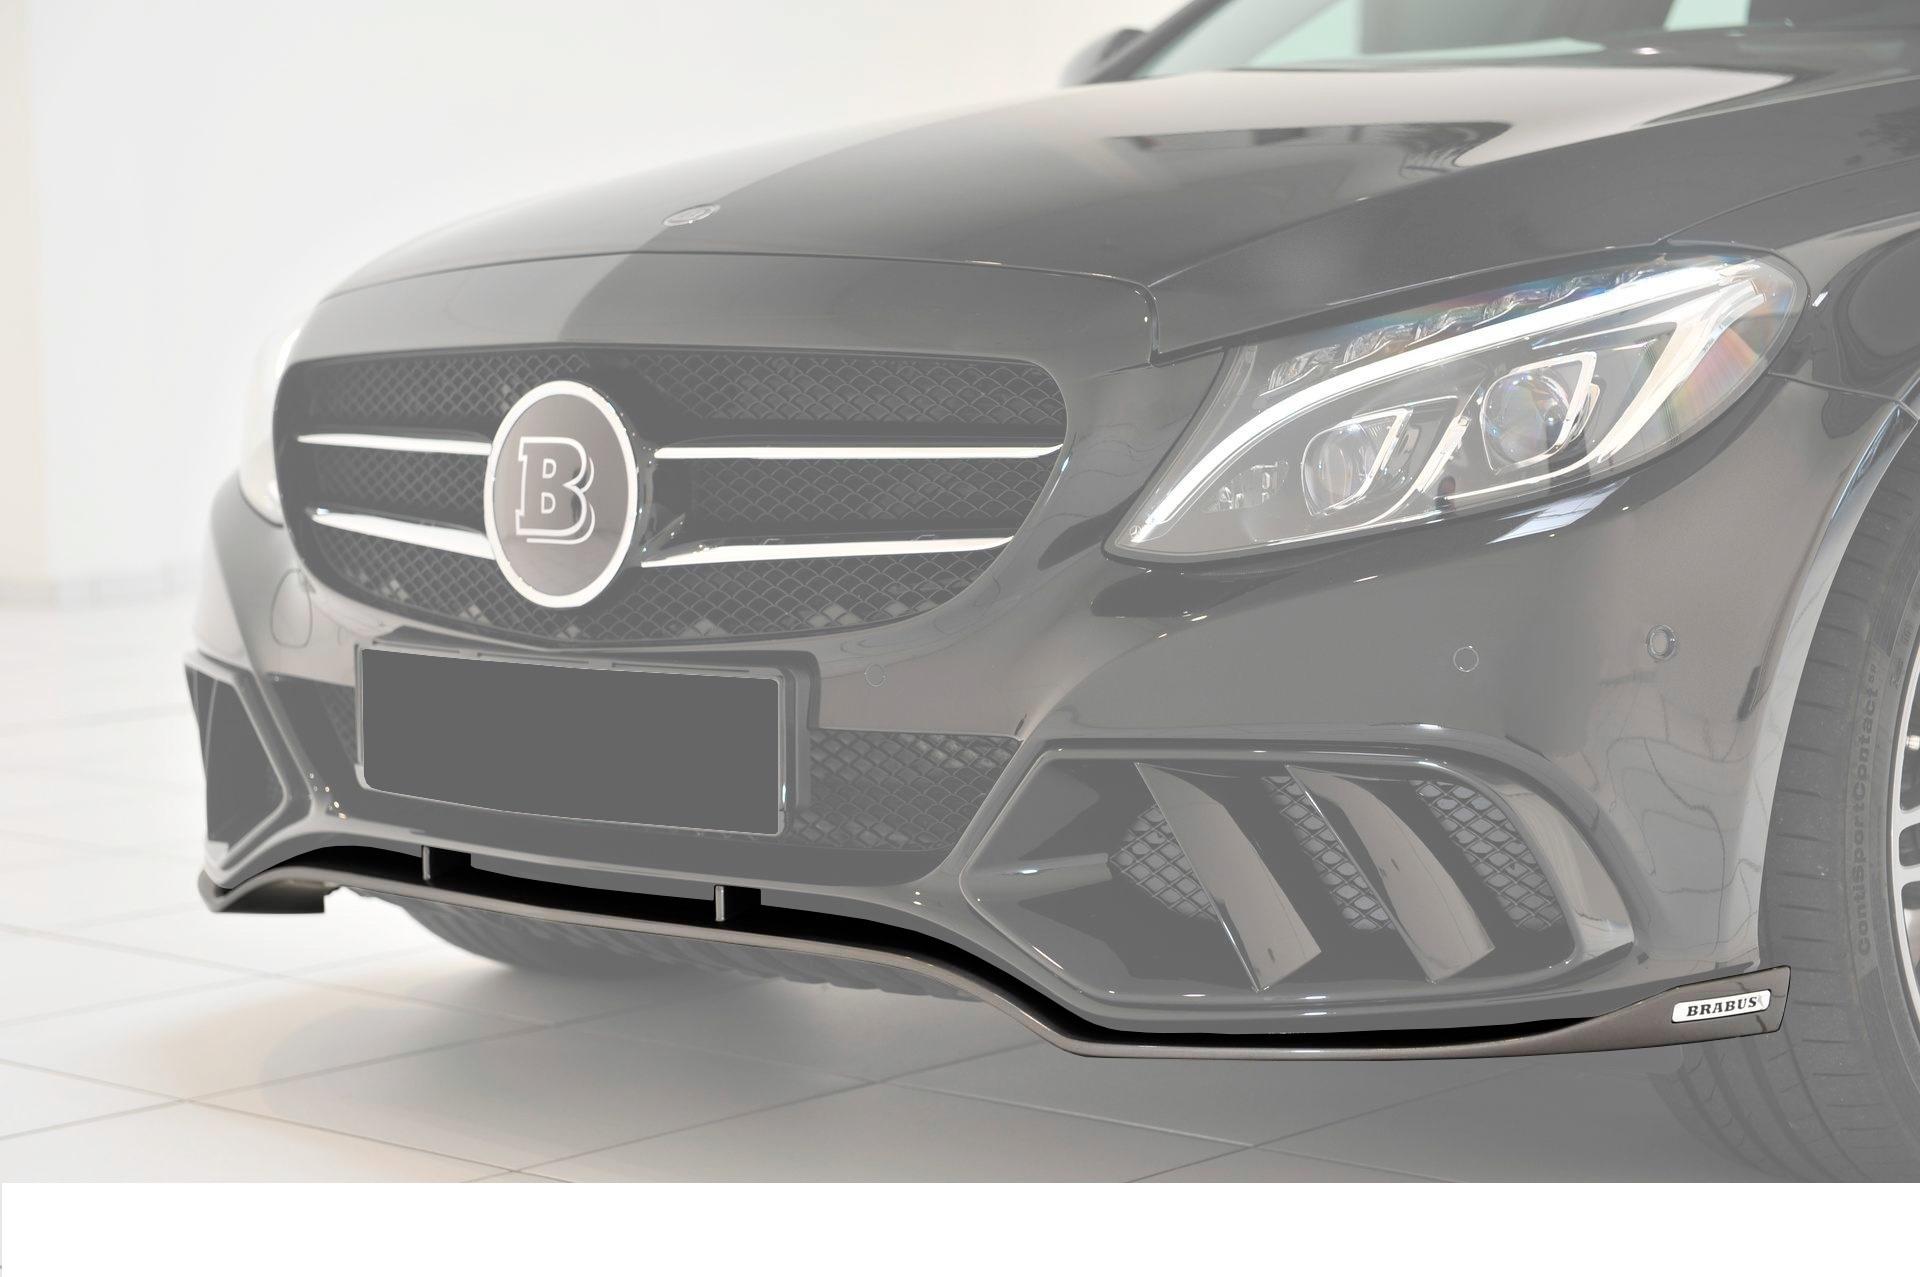 Карбоновый cпойлер переднего бампера Brabus Style для Mercedes С-class W205